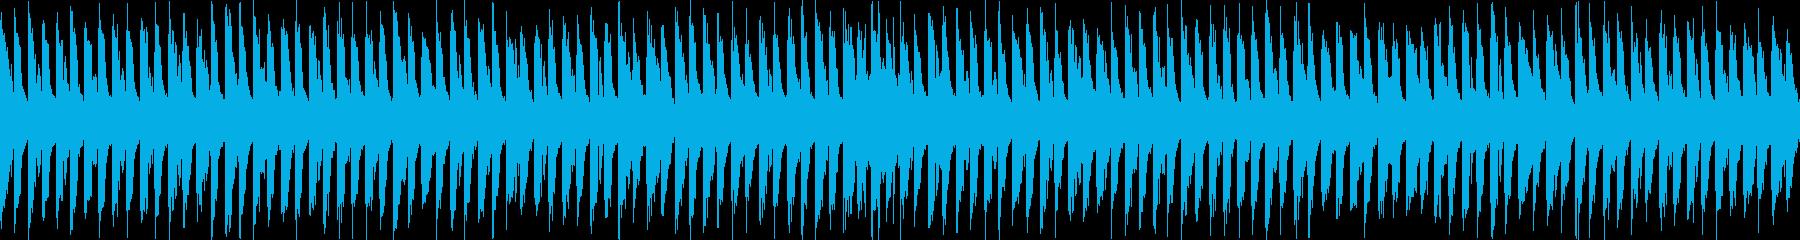 メロディアスなチップチューンの再生済みの波形